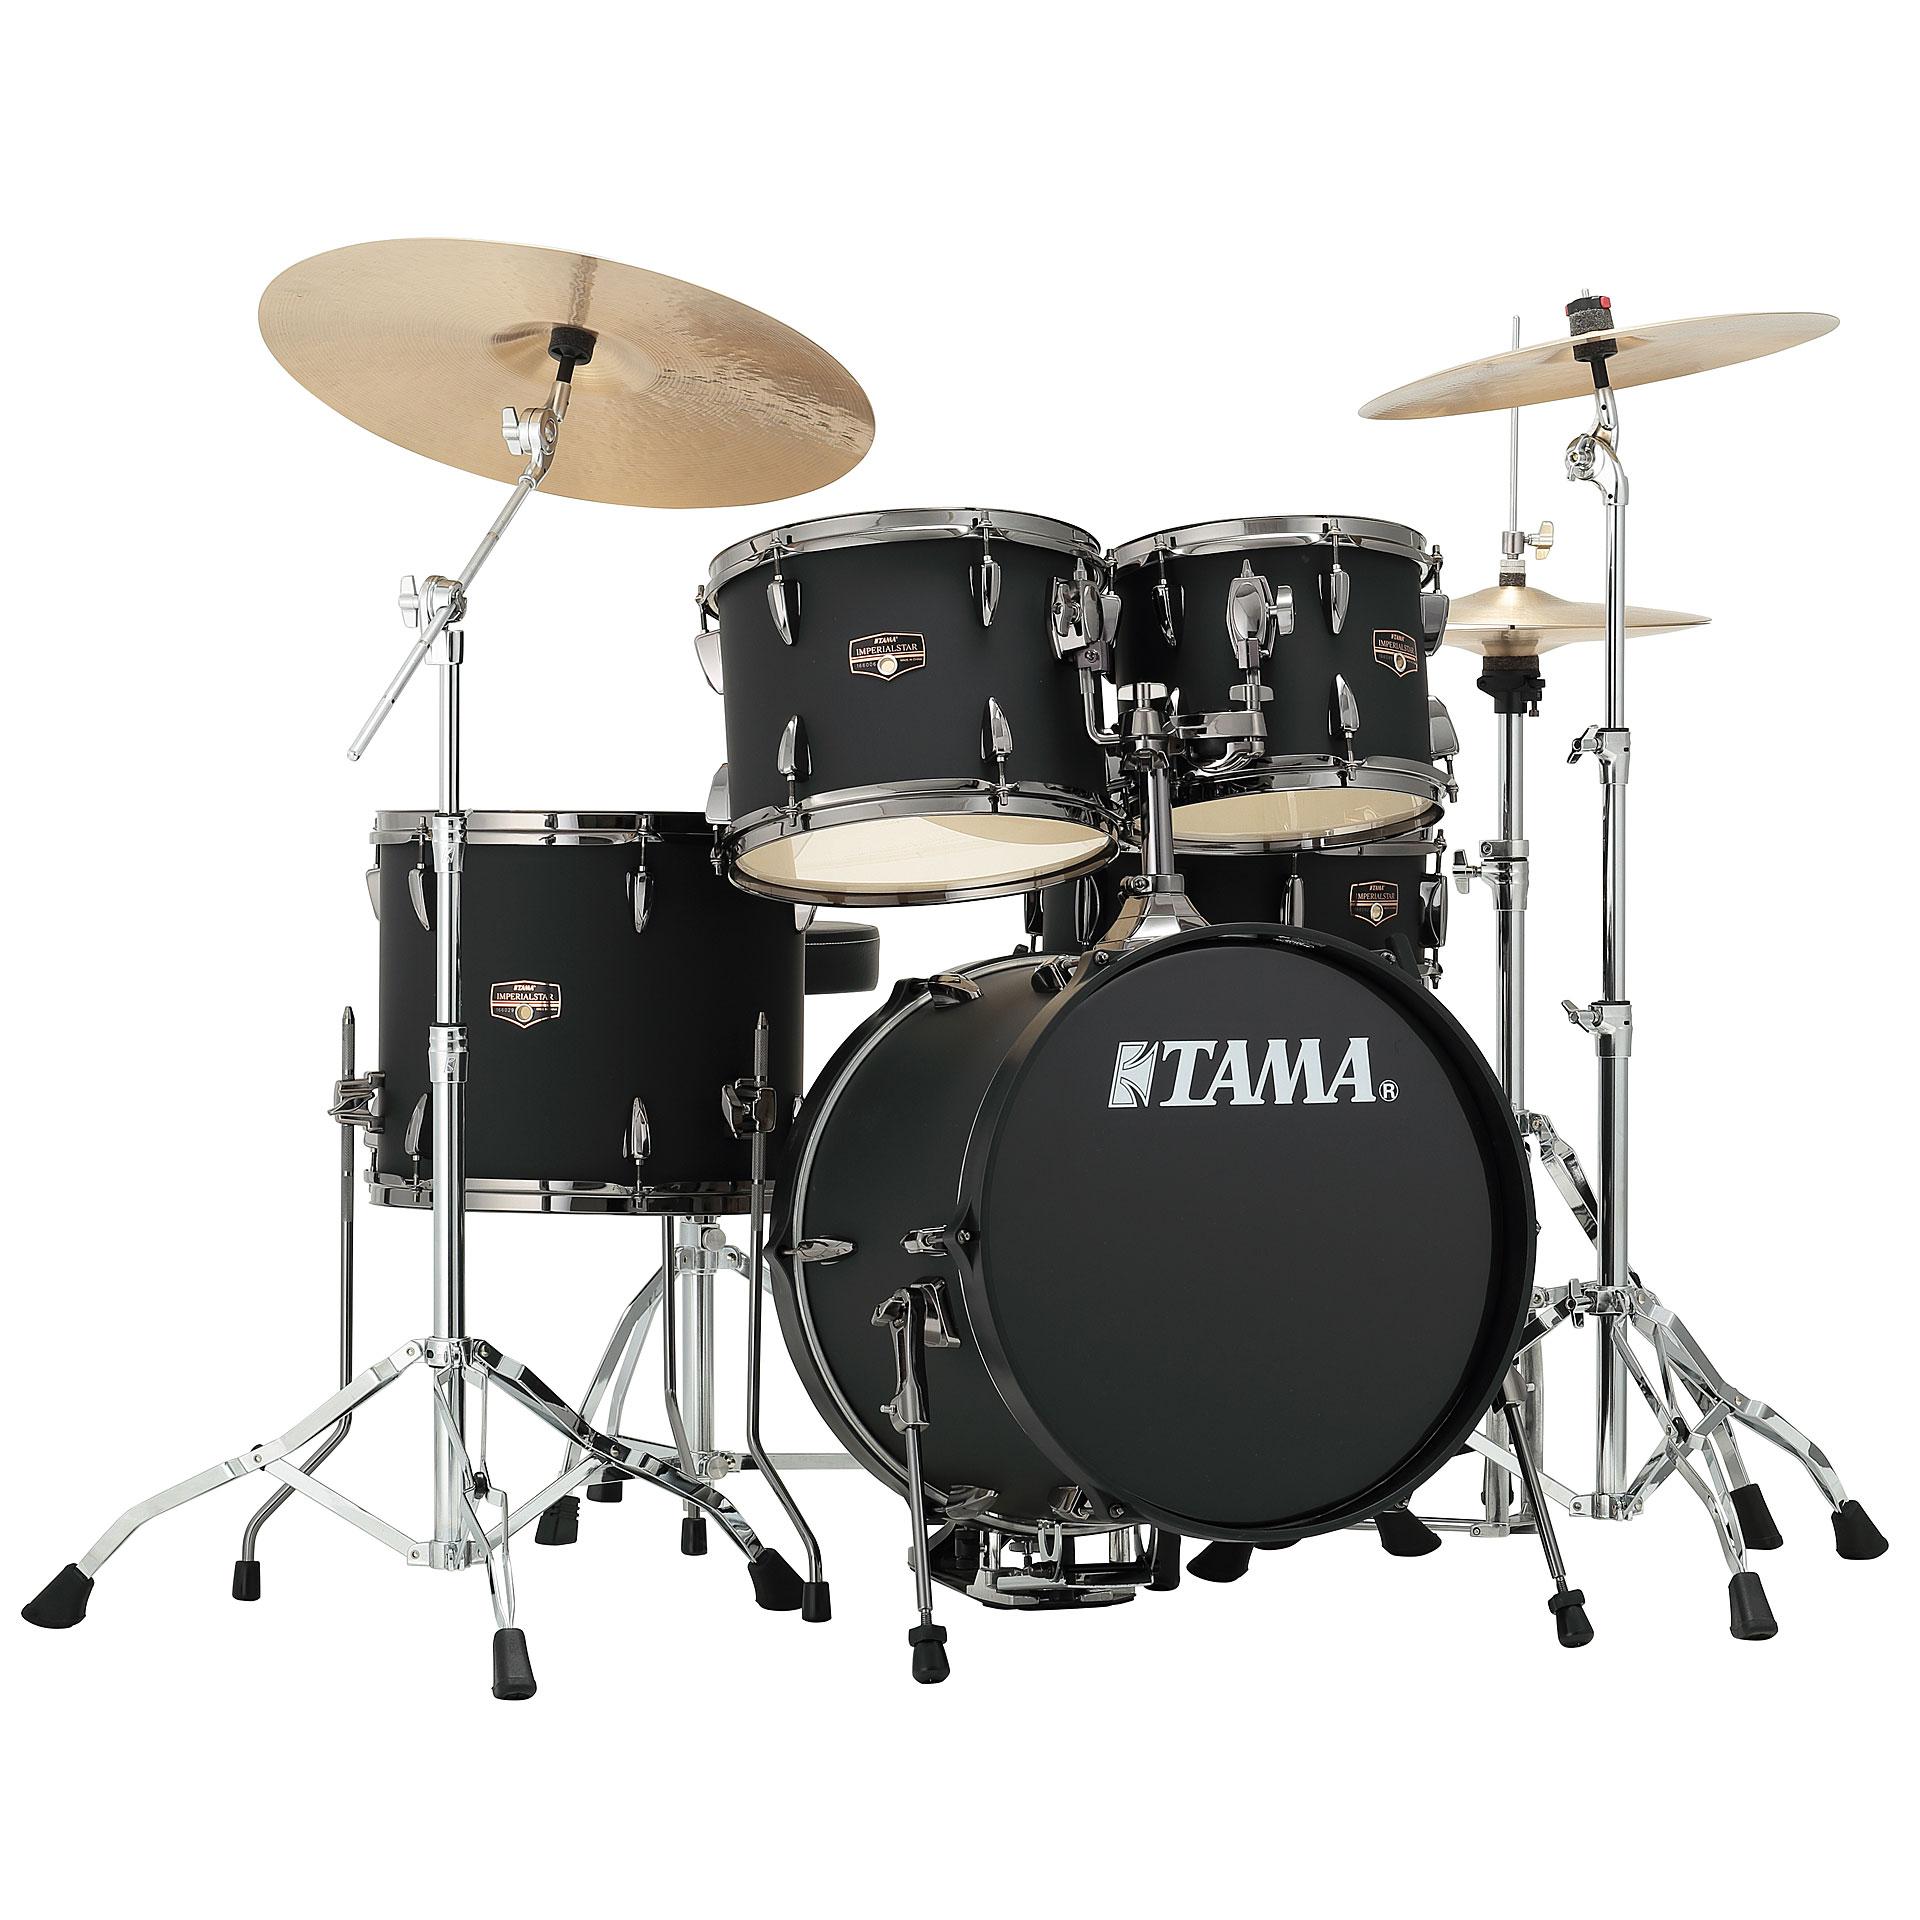 black tama drum set - photo #24